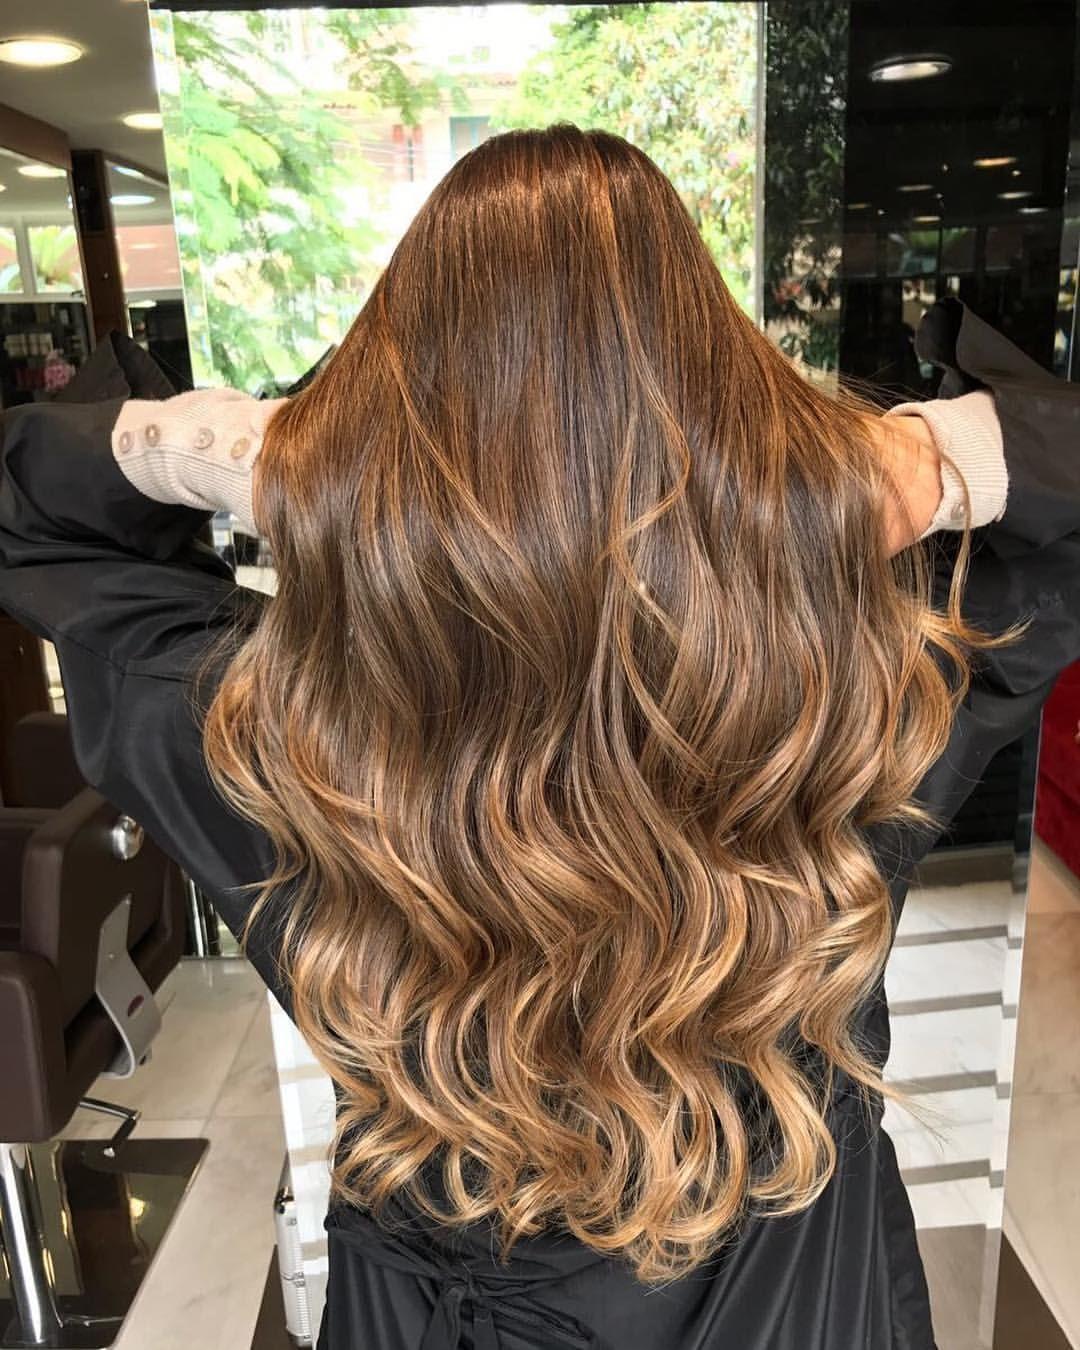 Dourado #top_cabelosbr #blond#castanhoiluminado #hair#marcioblond#blondhair